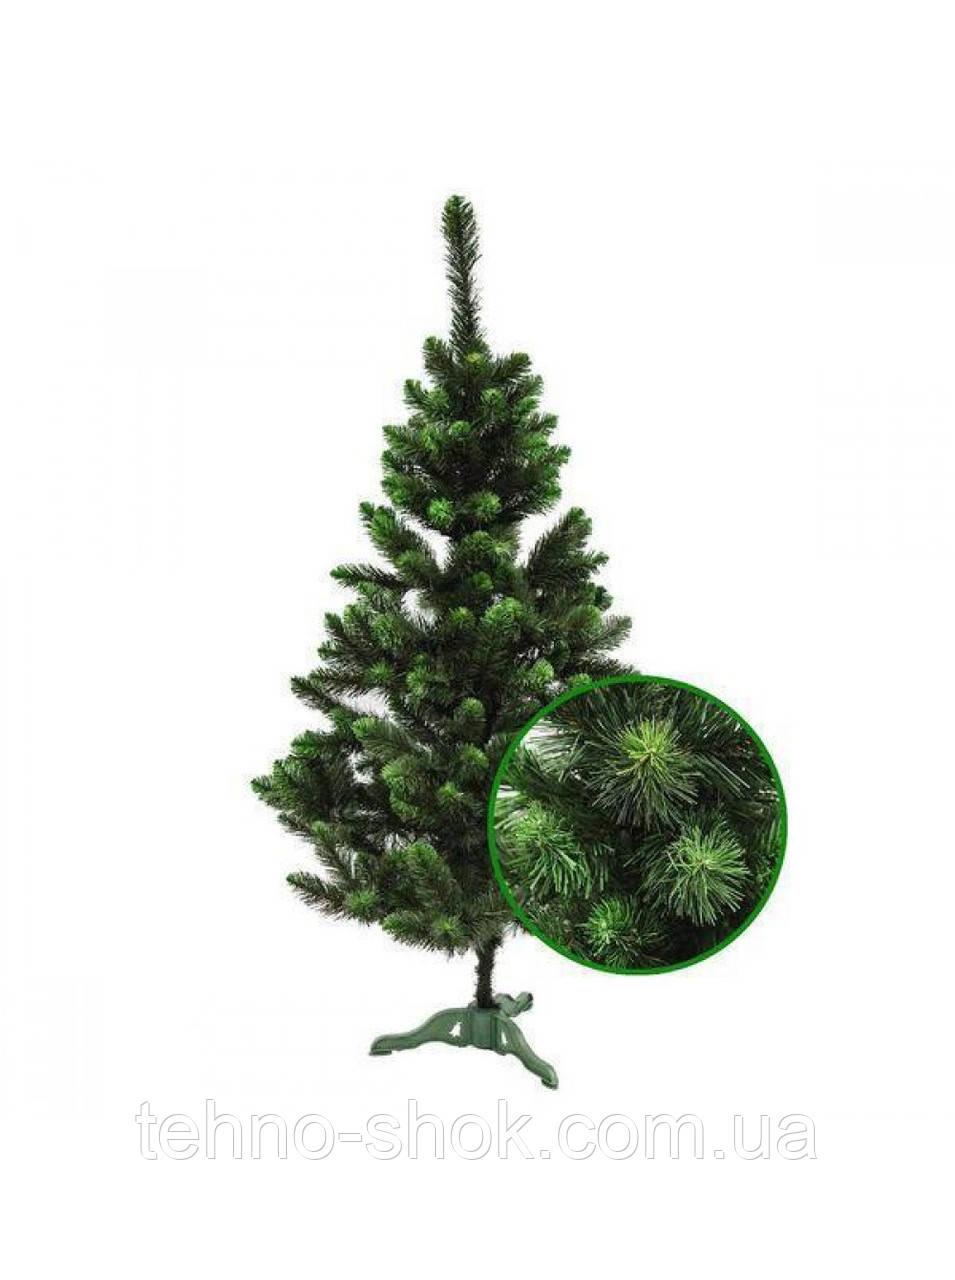 Ель искусственная зеленая Сказка ПВХ 2.5м (ЯШК-3-2.5)